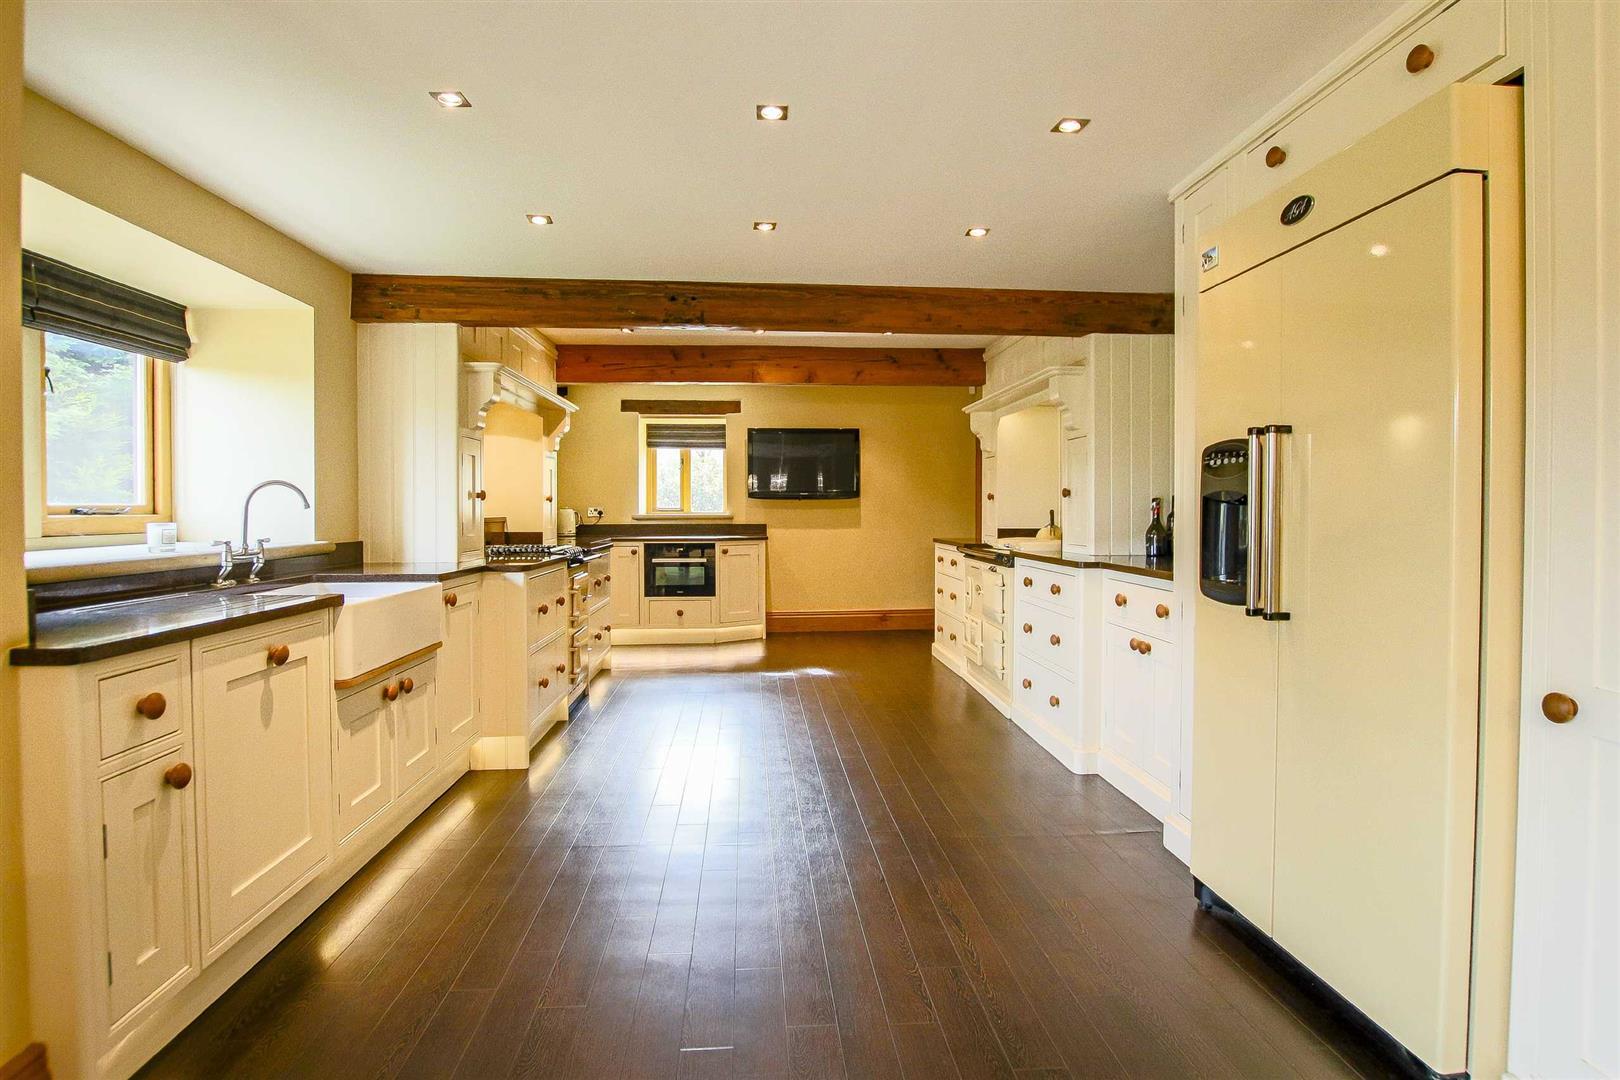 5 Bedroom Cottage For Sale - Image 9